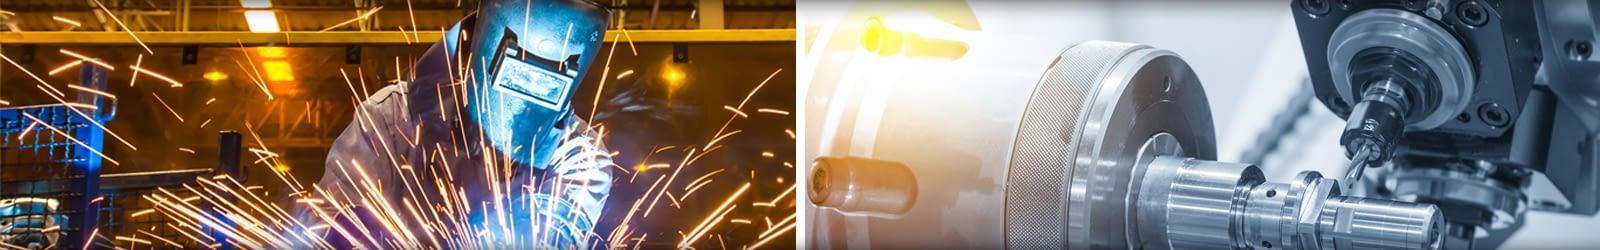 Carrusel Mecanizados y planchistería industrial